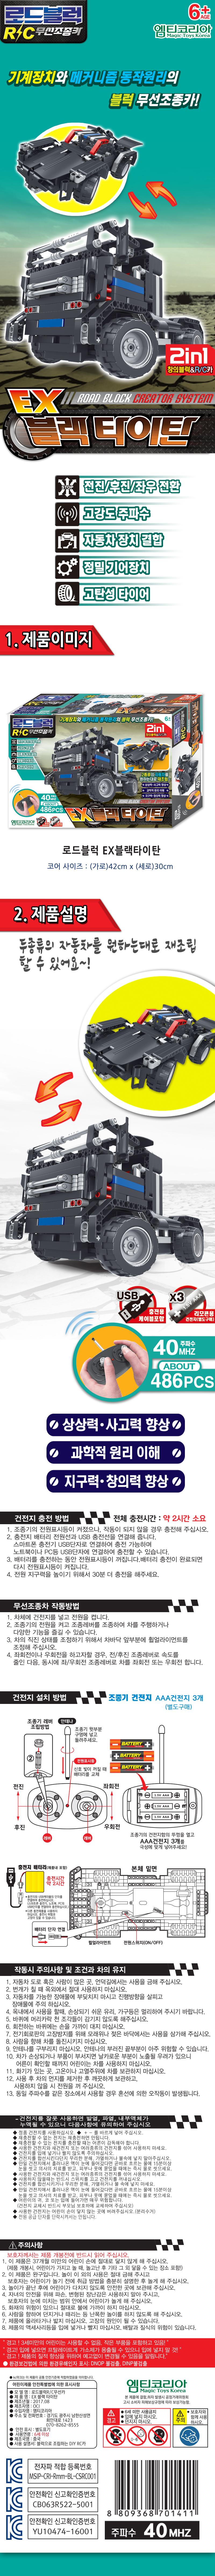 로드블럭 2in1 EX 블랙 타이탄 - 우토, 45,900원, R/C 카, 미니 R/C카